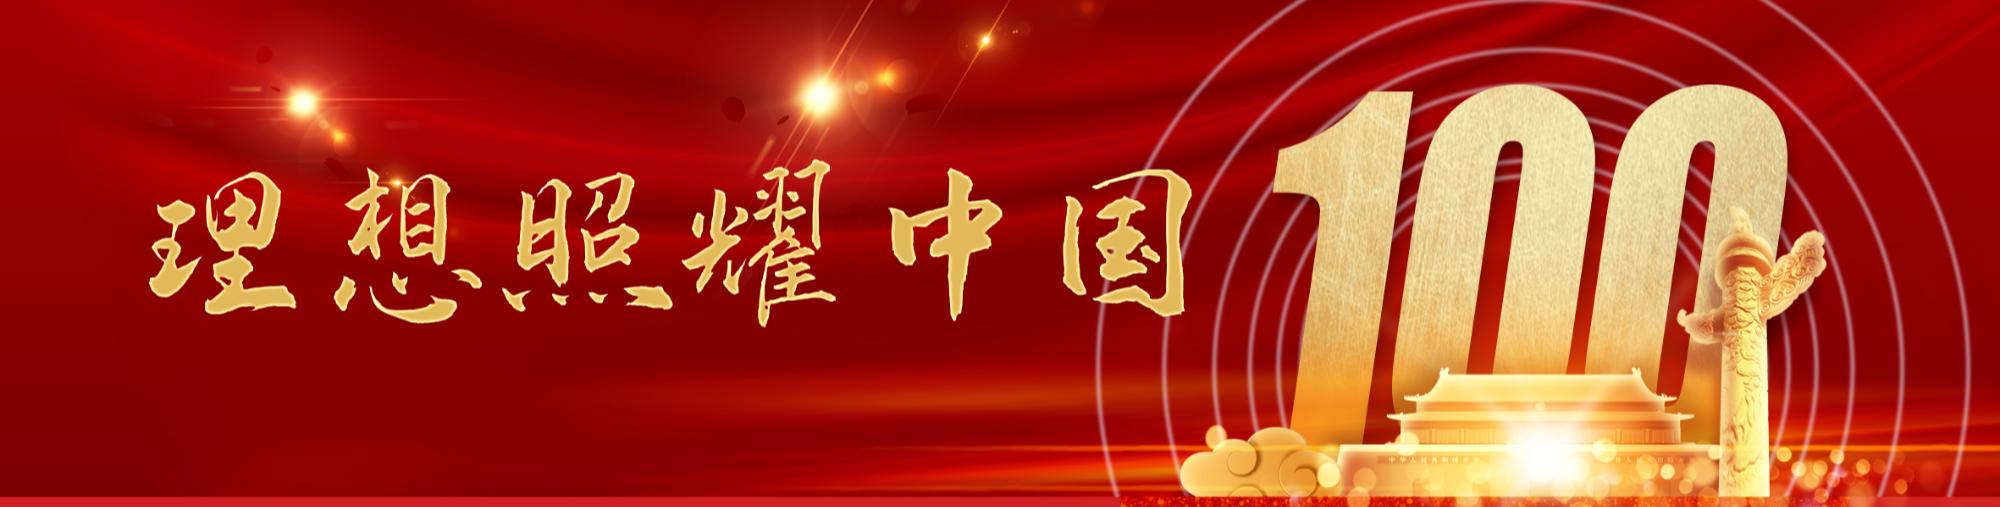 理想照耀中國